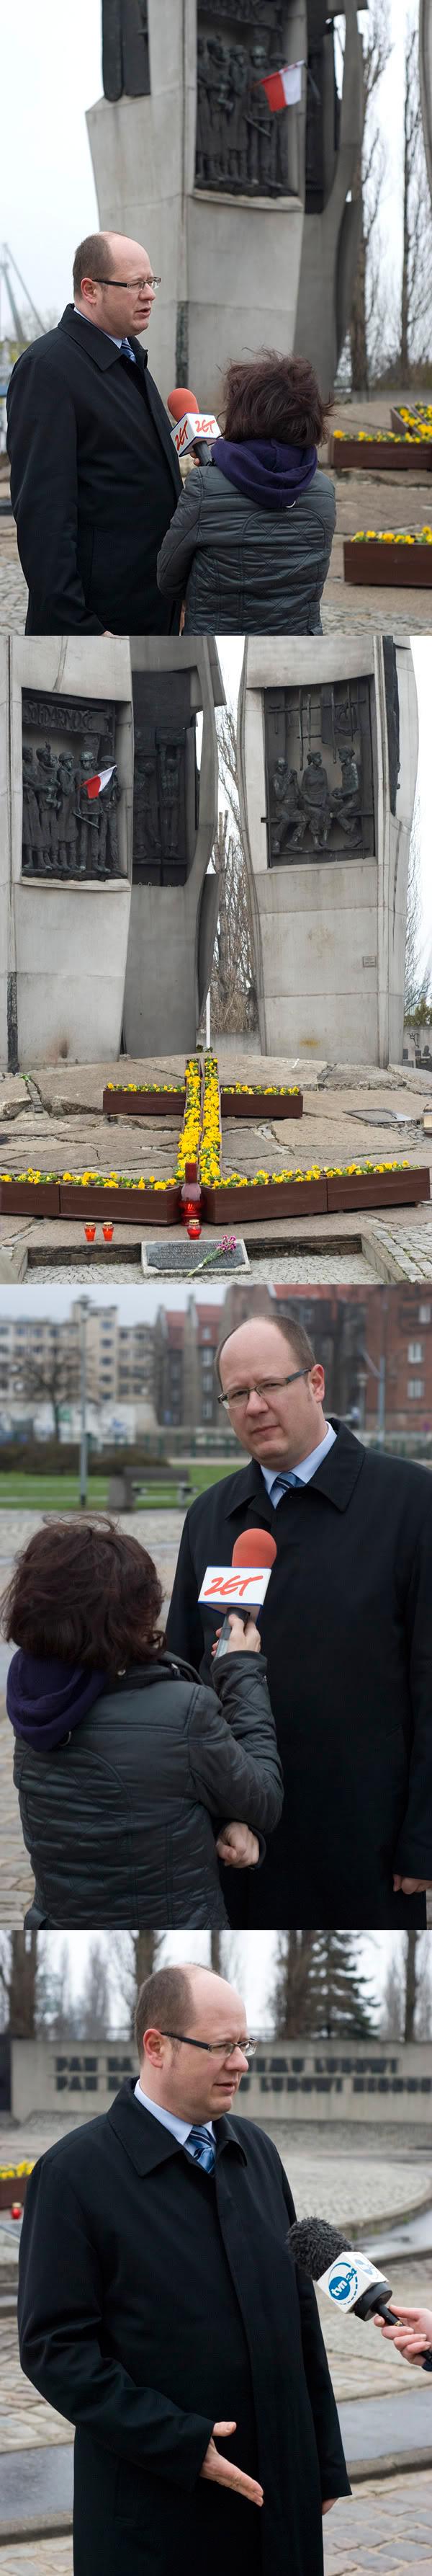 Tragedia, Tragedy, Katastrofa lotnicza, Airplane crush, Gdańsk, Prezydent, President